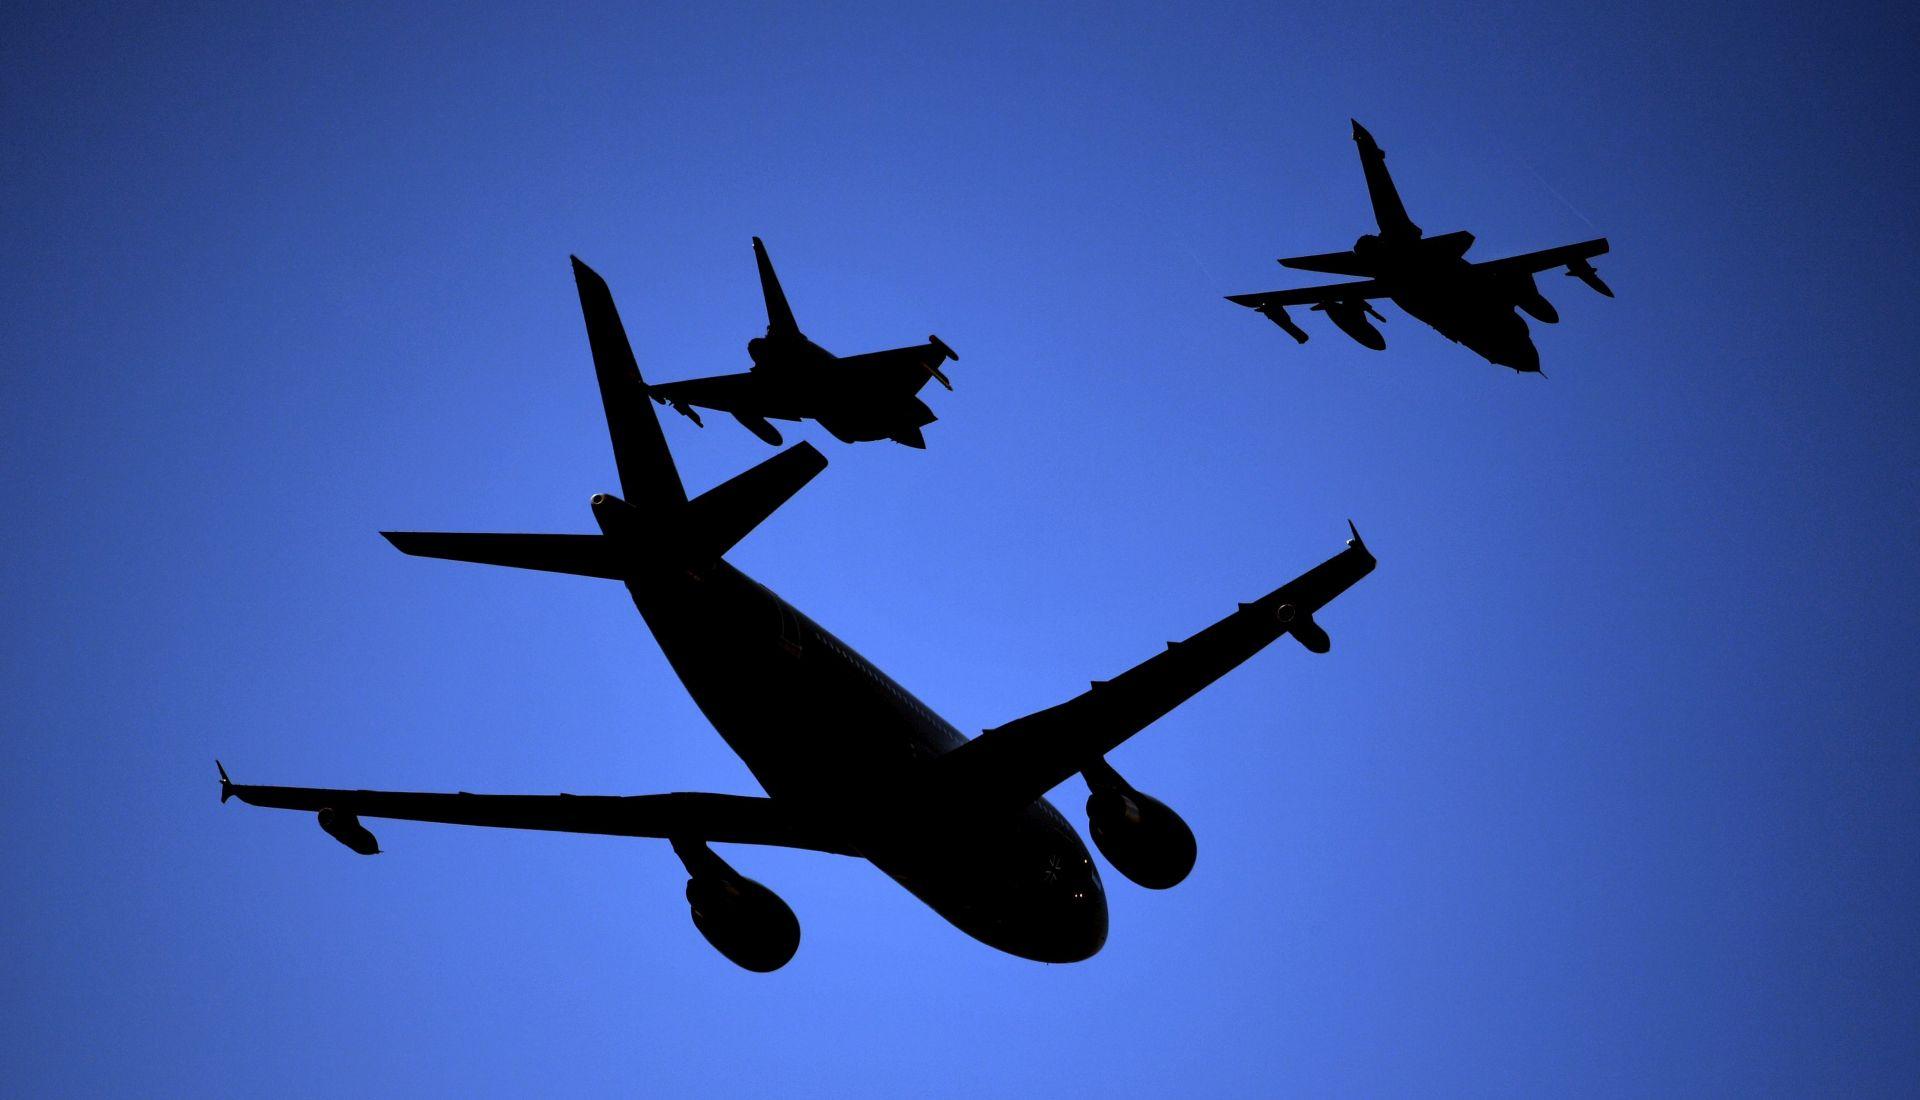 PREUSMJERENI LETOVI: Dron izazvao zatvaranje aerodroma u Dubaiju